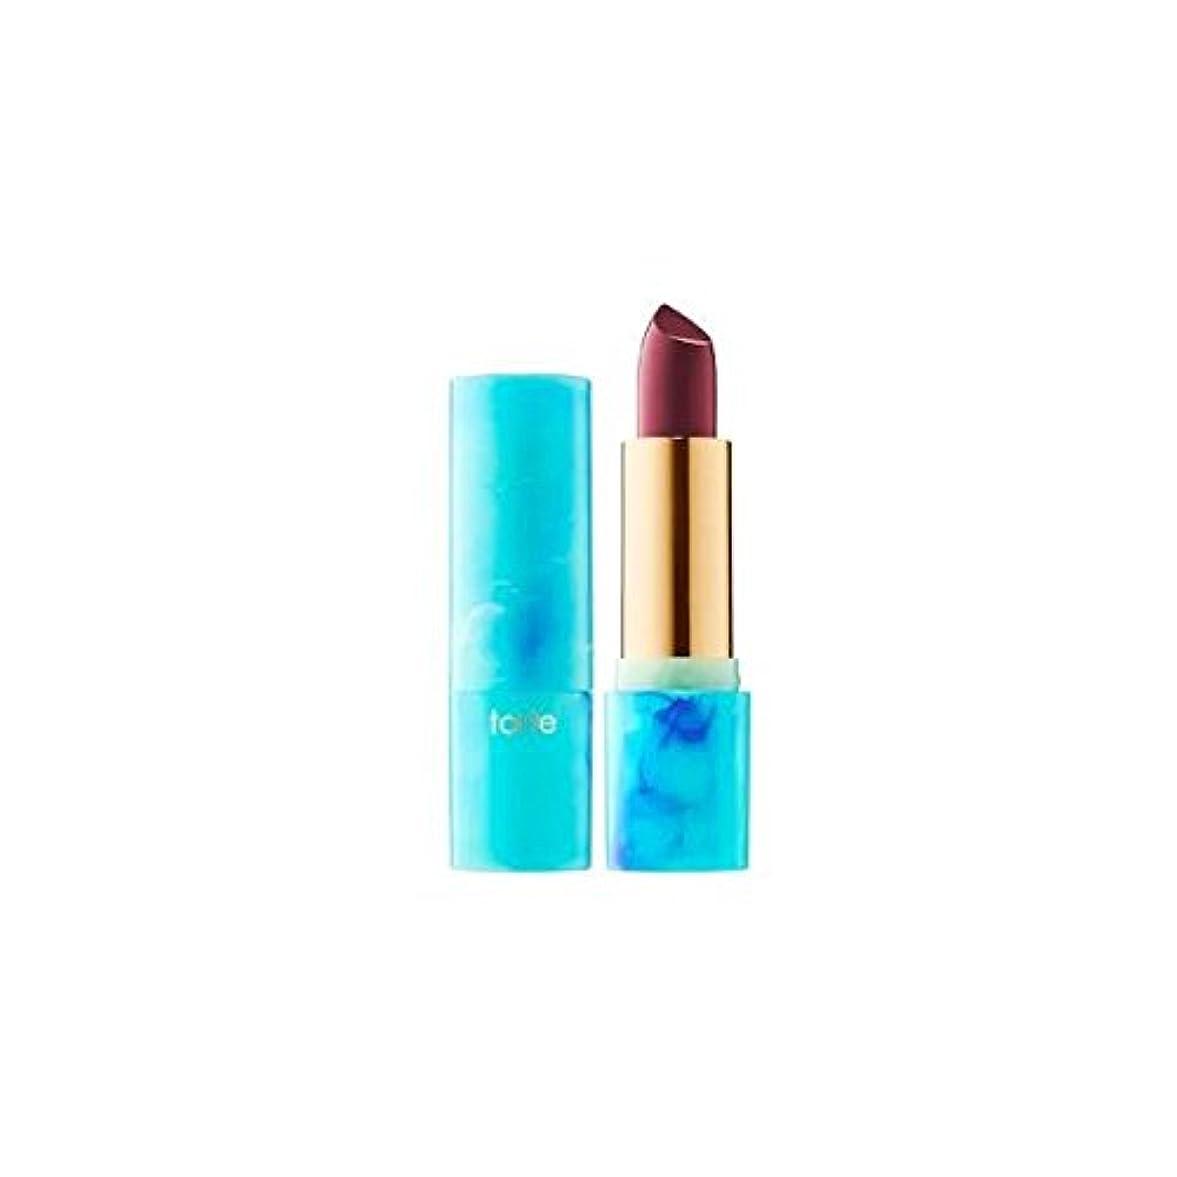 ぼんやりした重大コットンtarteタルト リップ Color Splash Lipstick - Rainforest of the Sea Collection Satin finish